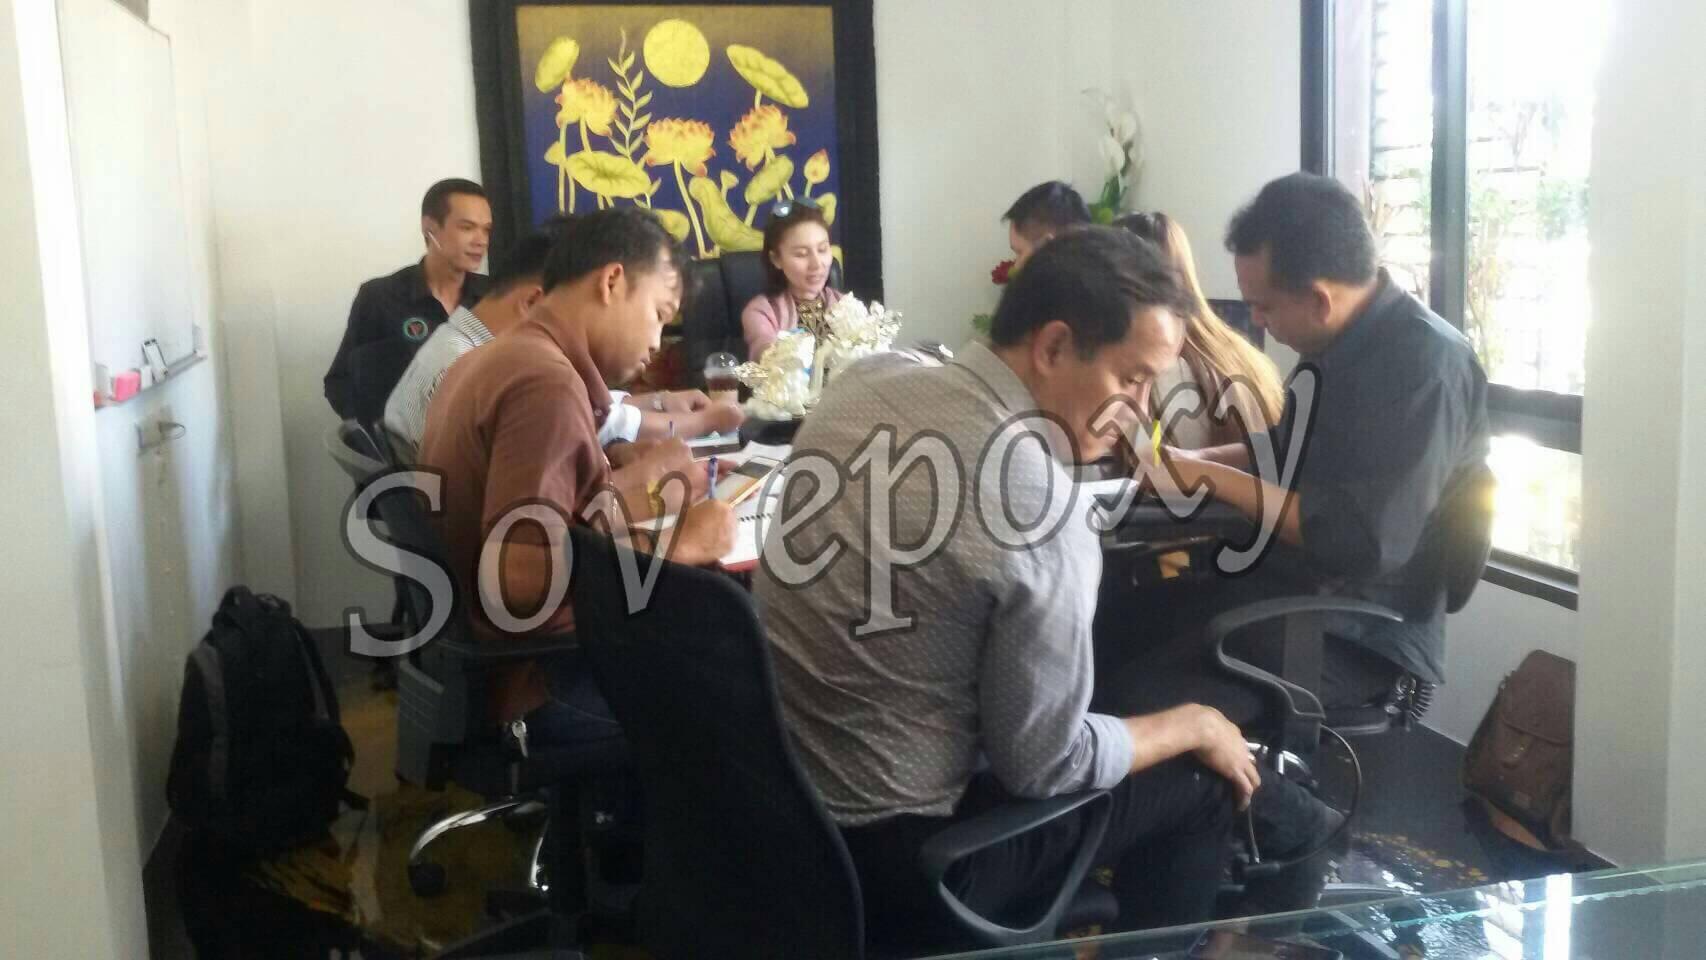 พนักงานเชลล์ SOV ประชุมยอดขาย ประจำเดือนพฤศจิกายน 2559 7